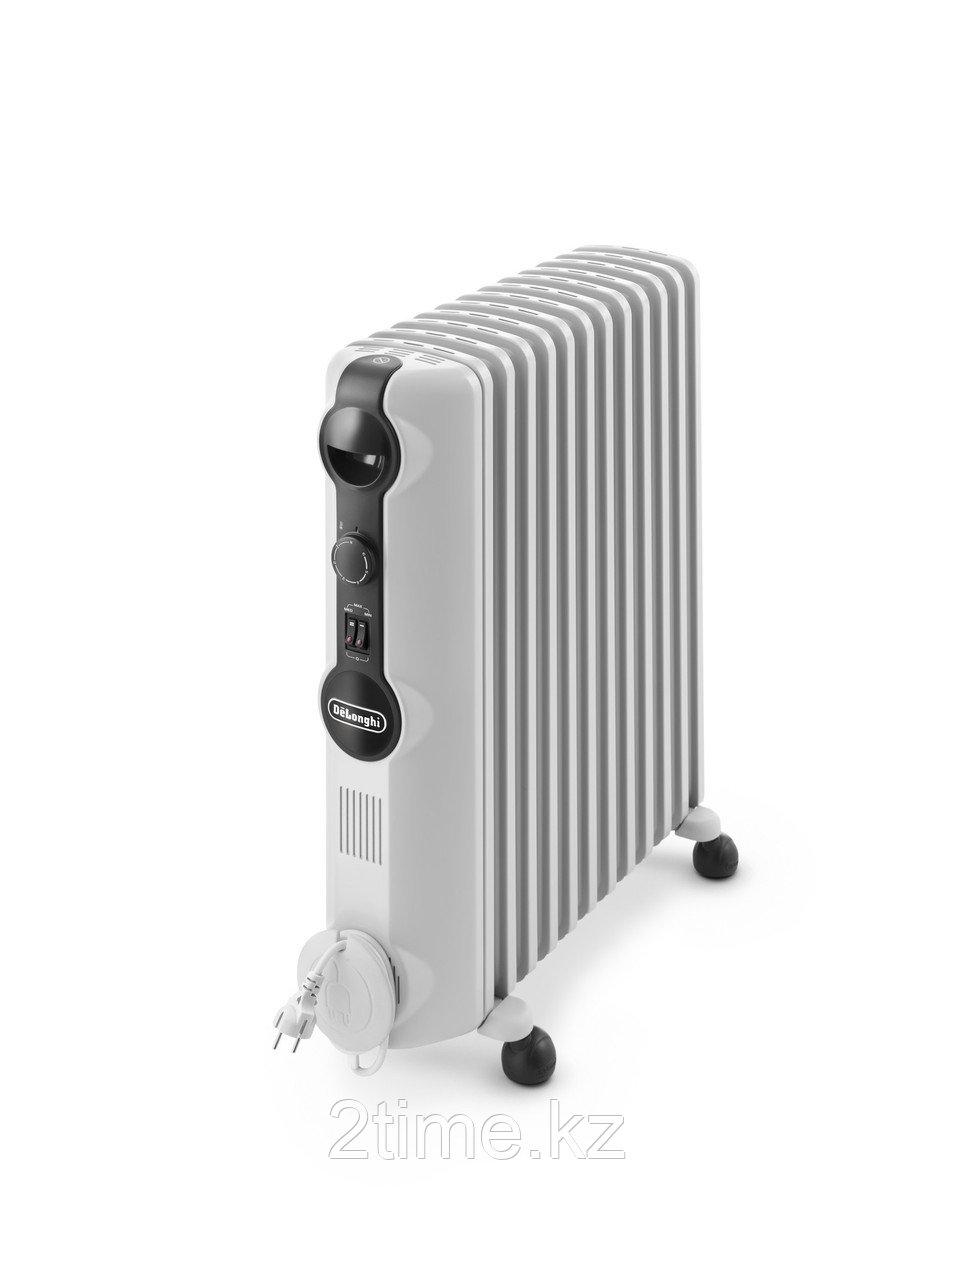 Масляный радиатор DeLonghi TRRS1225 - фото 1